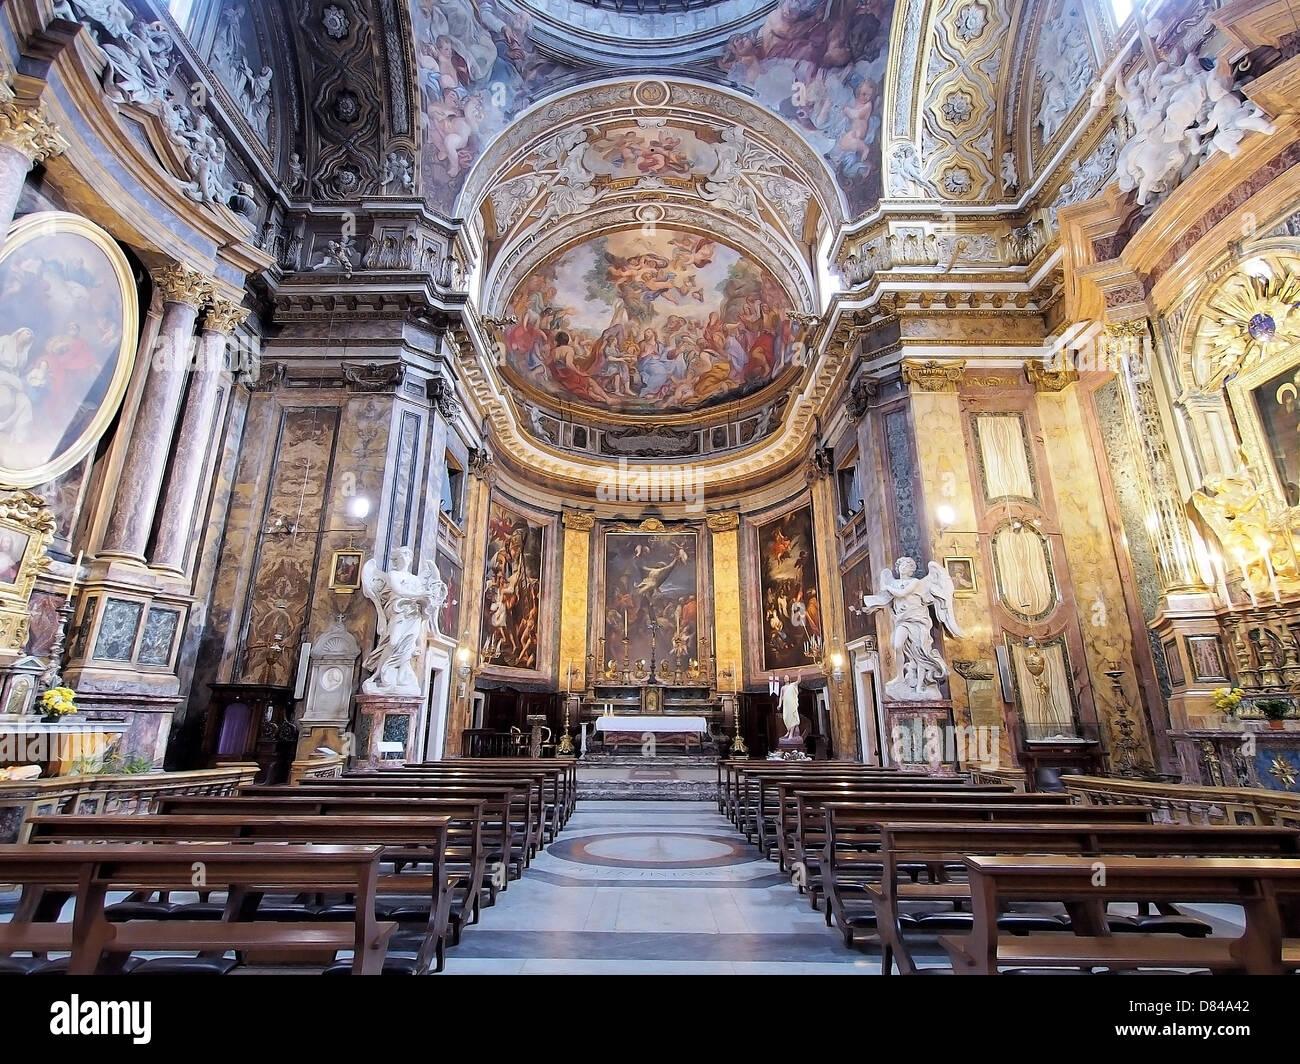 Roma Basilica Sant Andrea Delle Fratte Italy By Andrea Quercioli Stock Photo Alamy